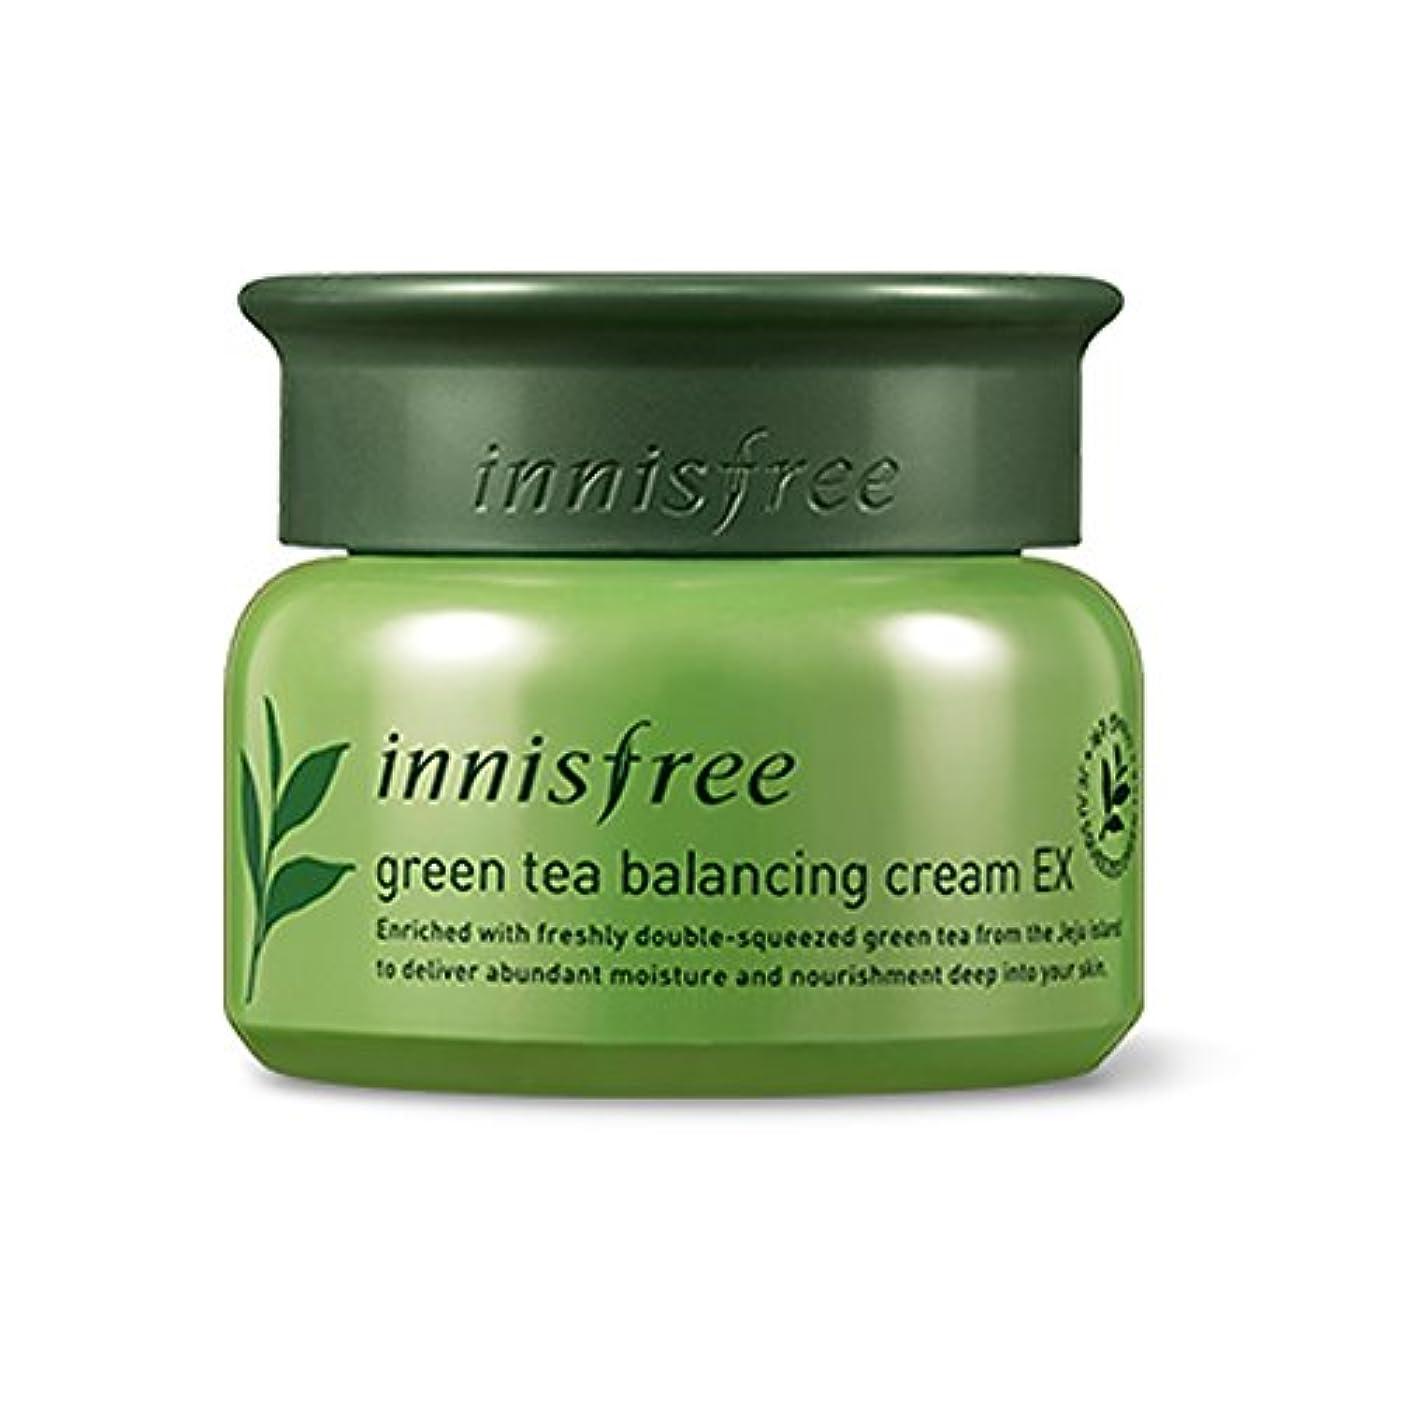 爆発する学期克服するイニスフリーグリーンティーバランスクリーム50ml「2018新製品」 Innisfree Green Tea Balancing Cream 50ml